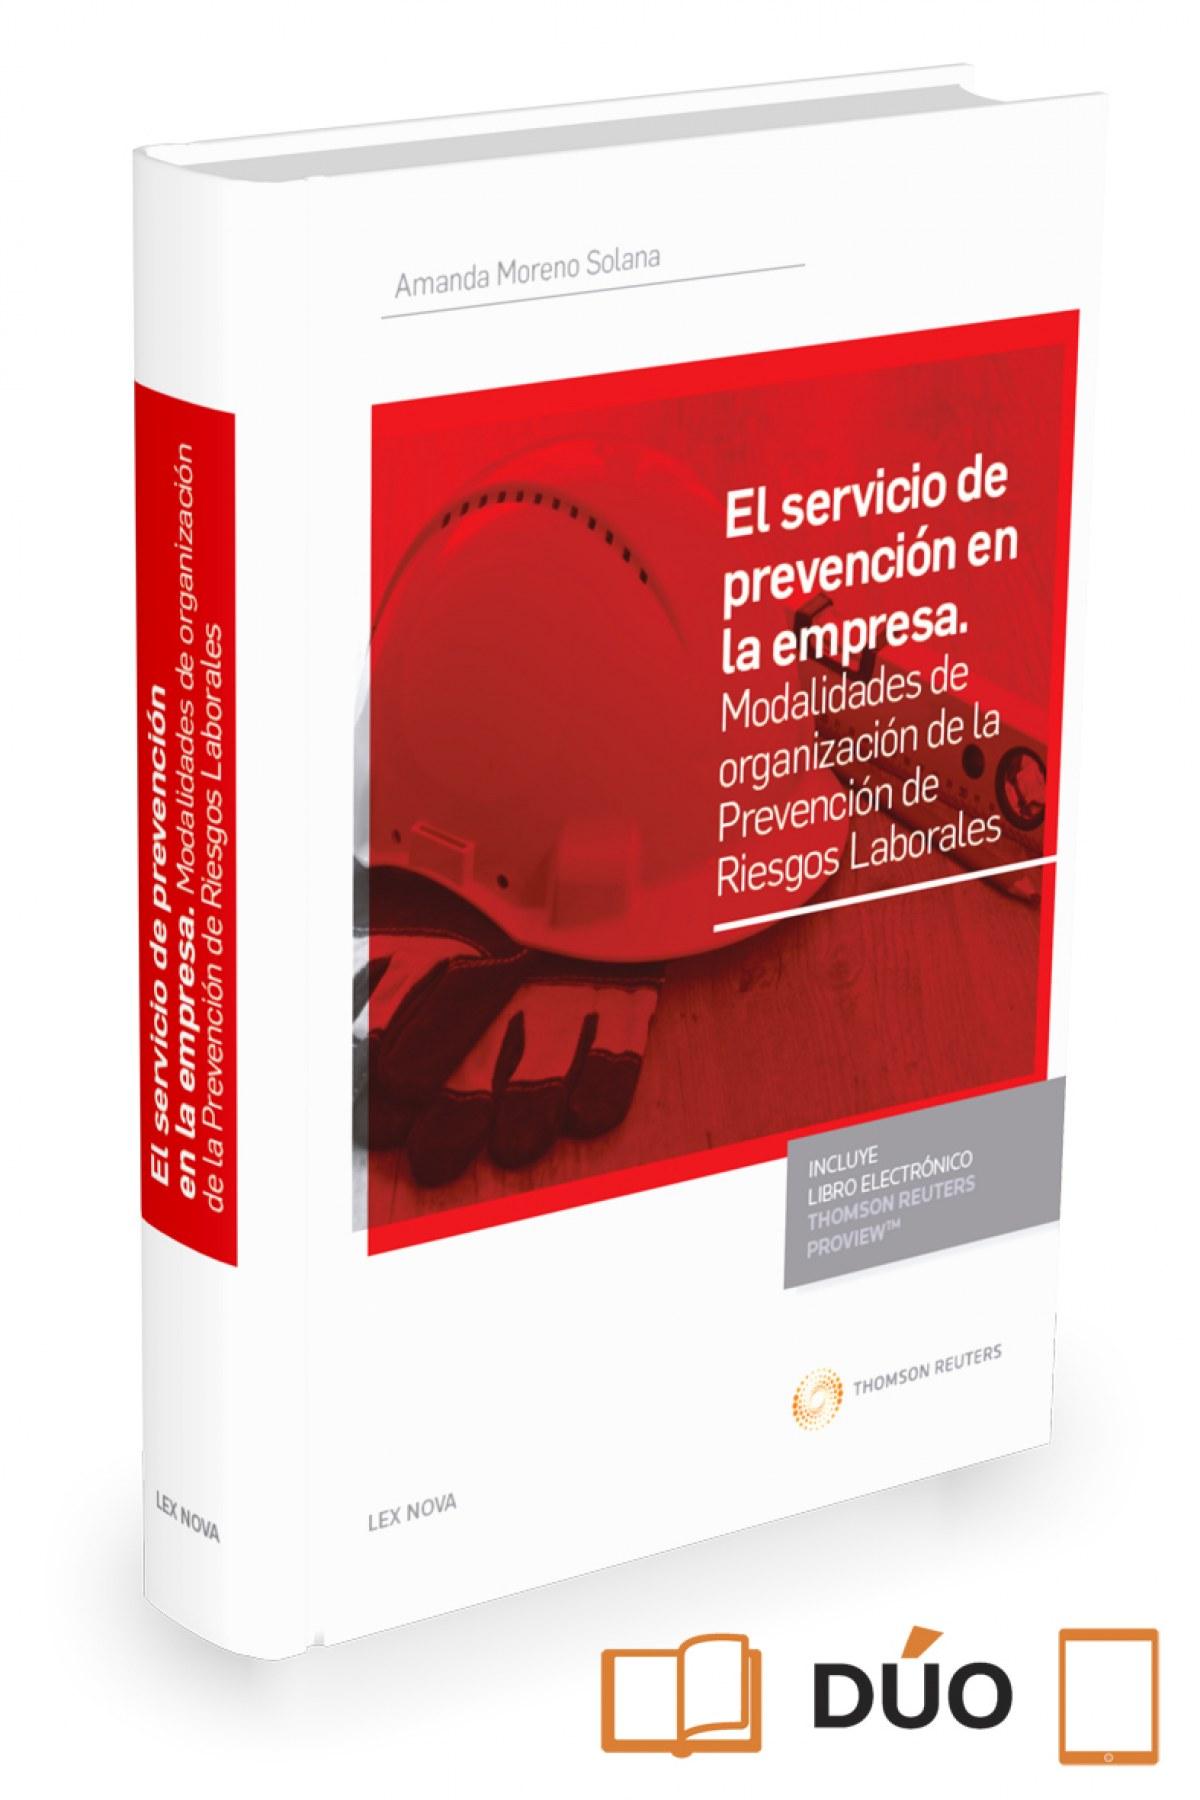 EL SERVICIO DE PREVENCION EN LA EMPRESA (PAPEL + E-BOOK)